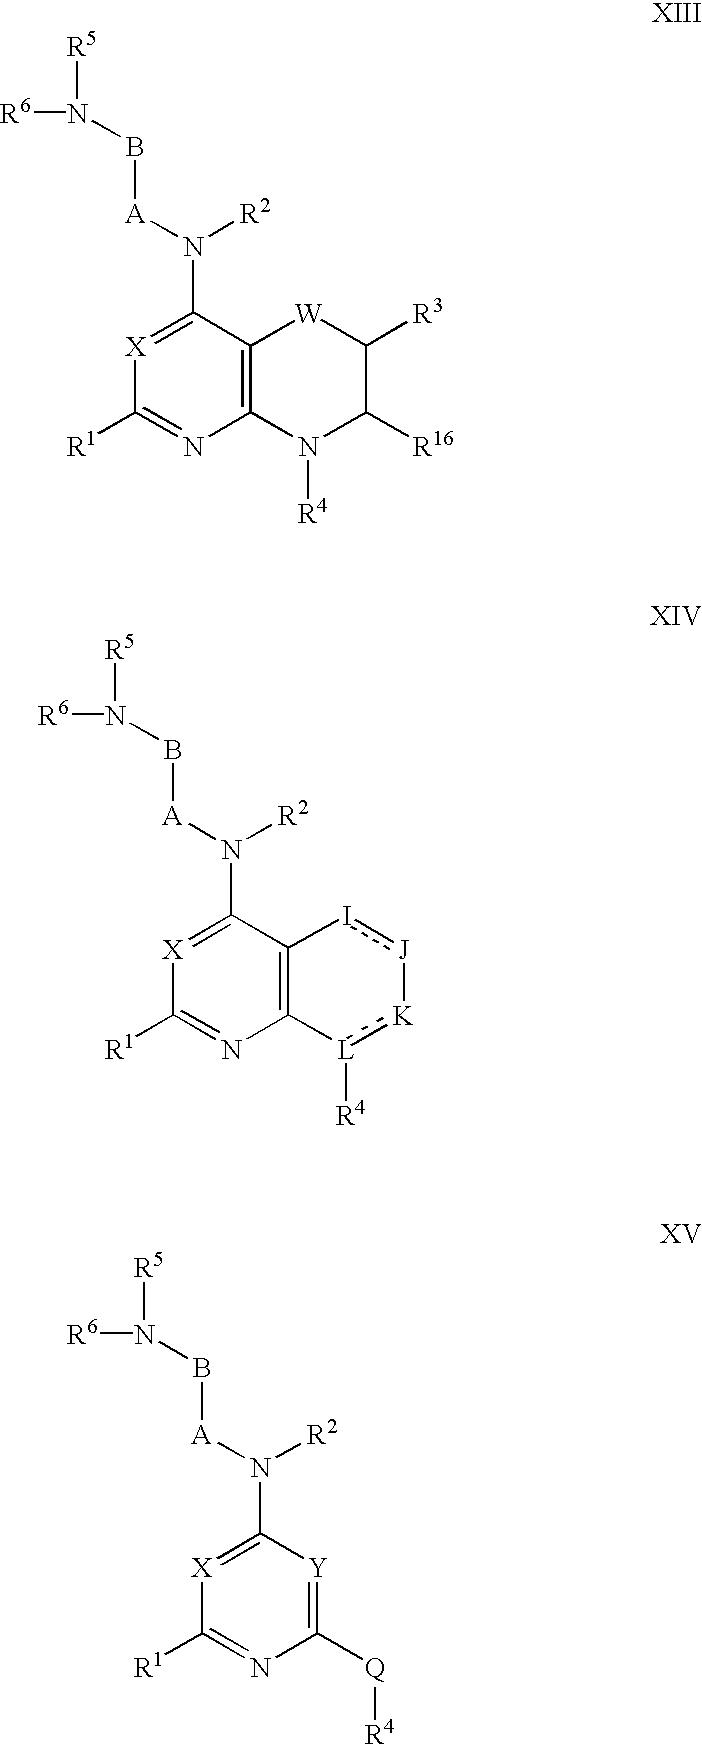 Figure US06506762-20030114-C00007